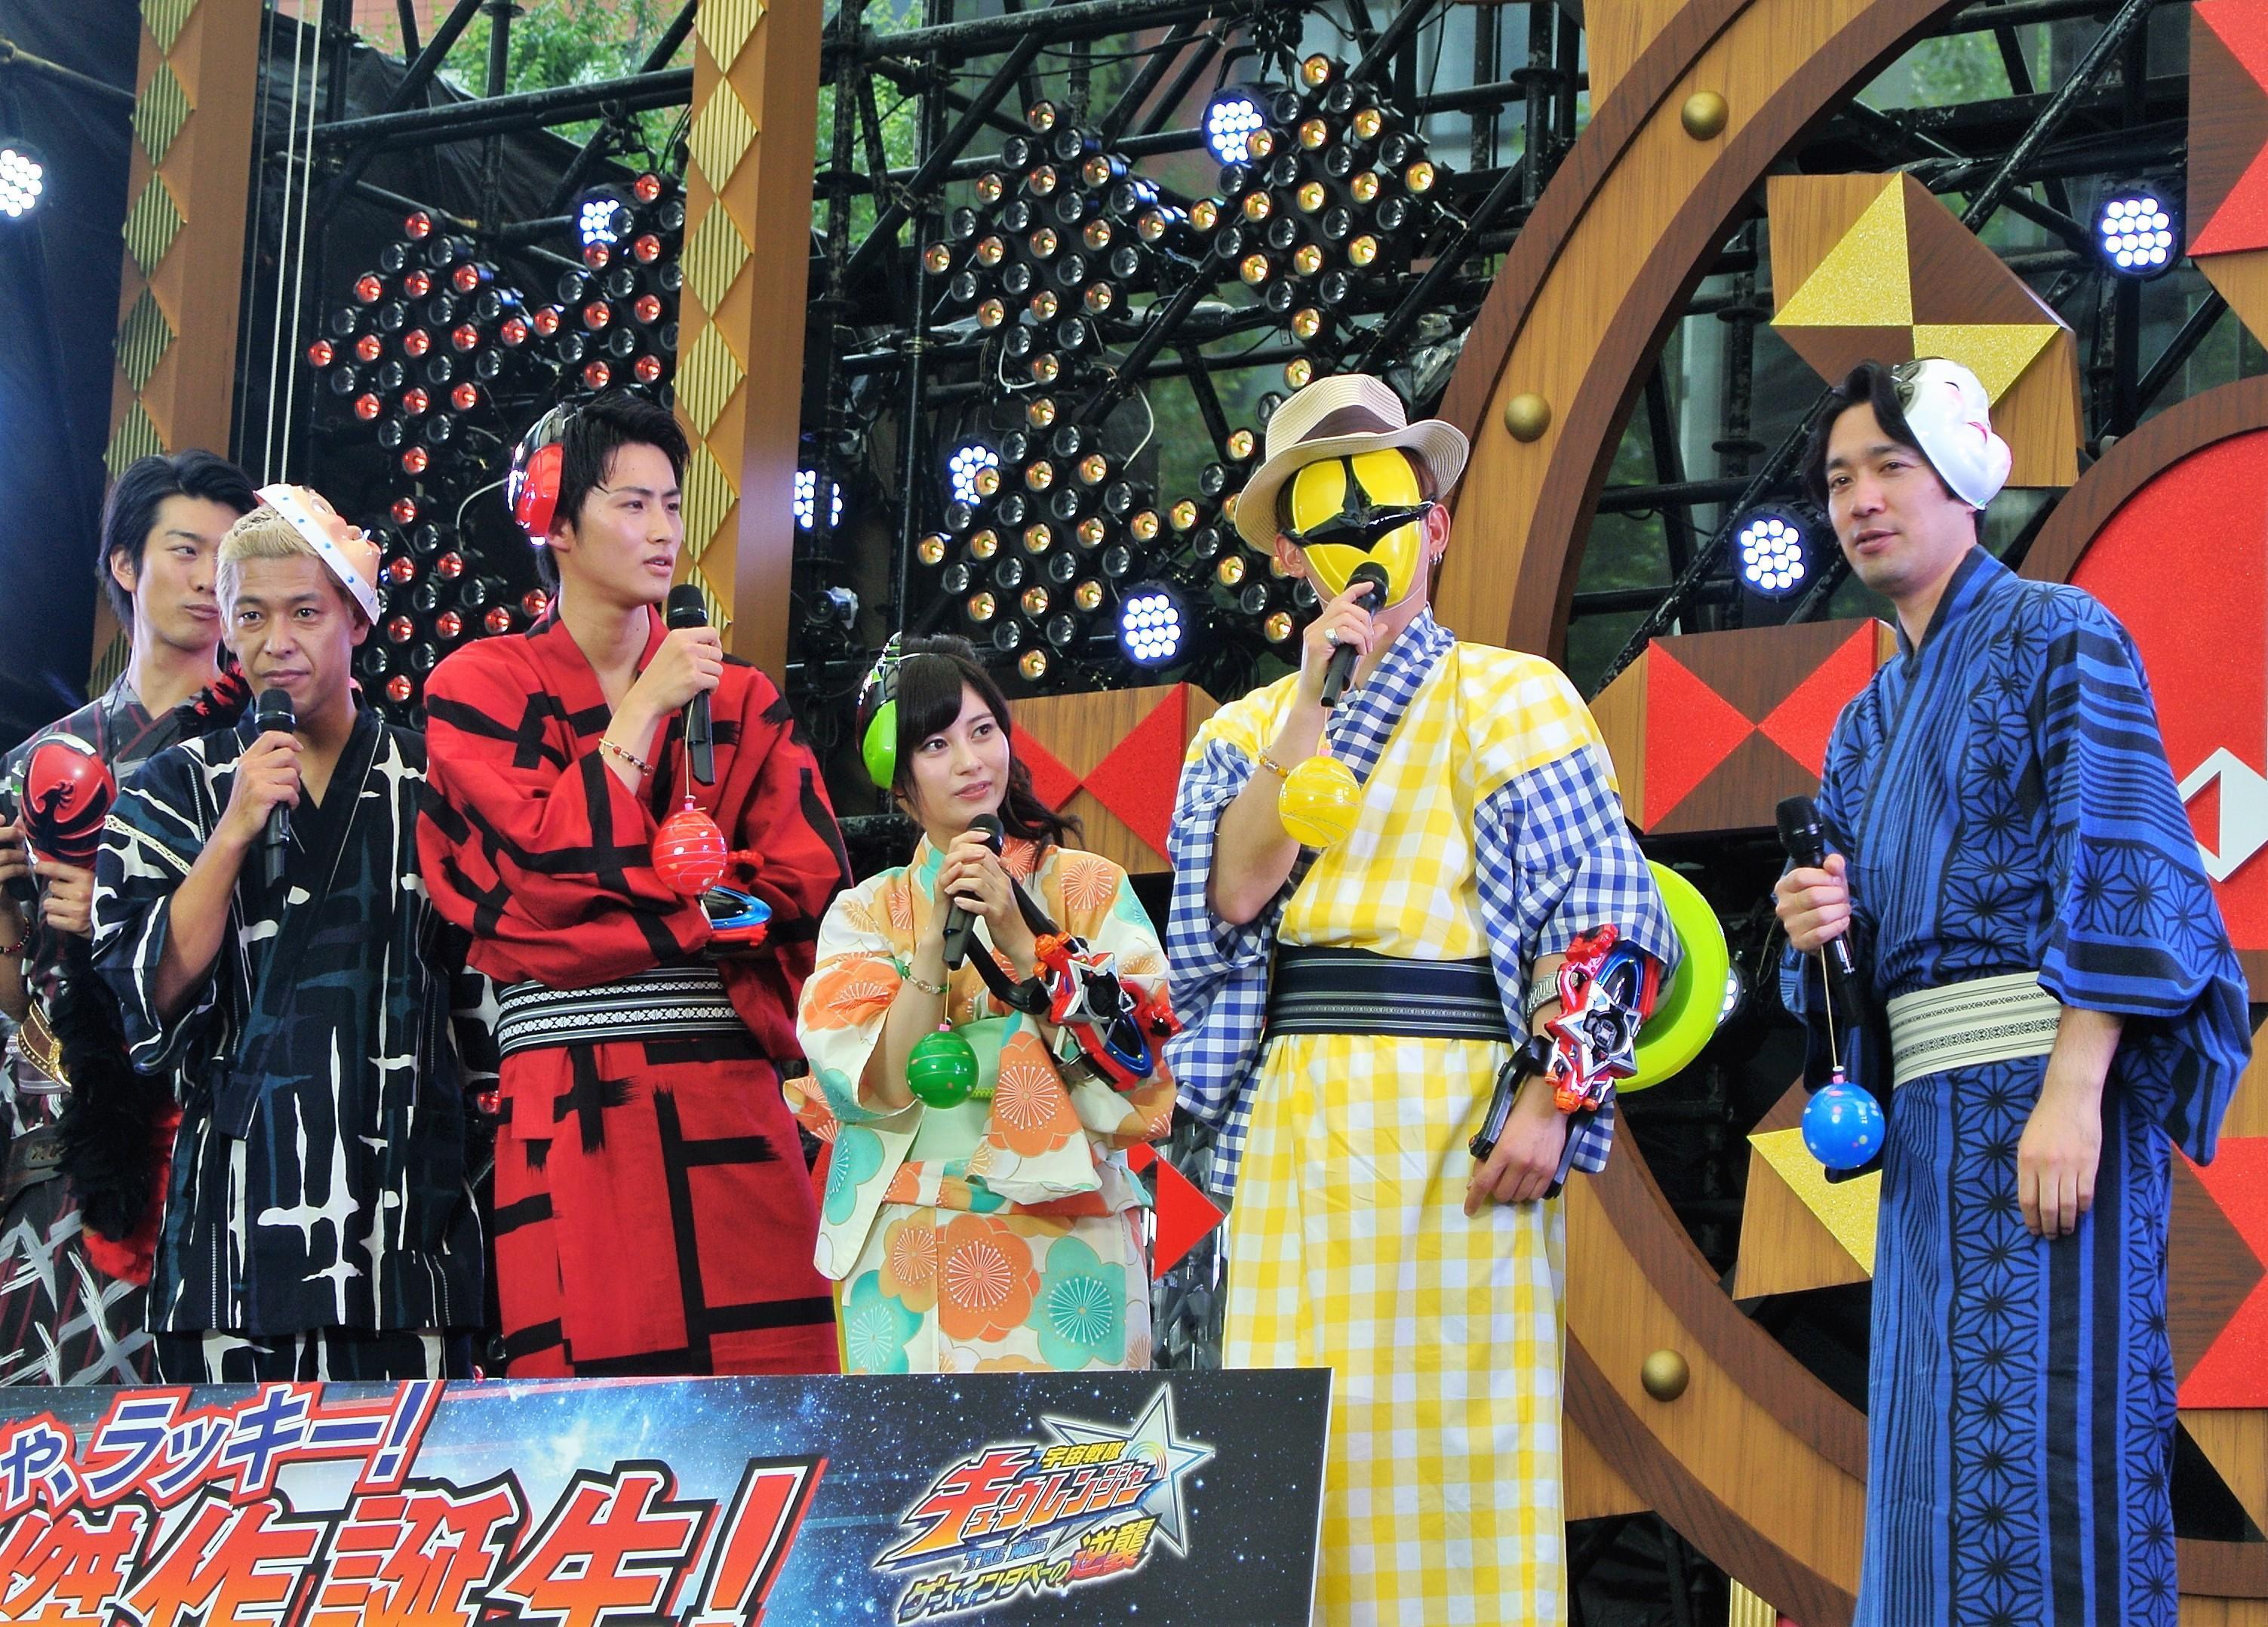 http://news.yoshimoto.co.jp/20170731175033-26a1a1cb346d327833865462c71d2bc9eadc4c8b.jpg